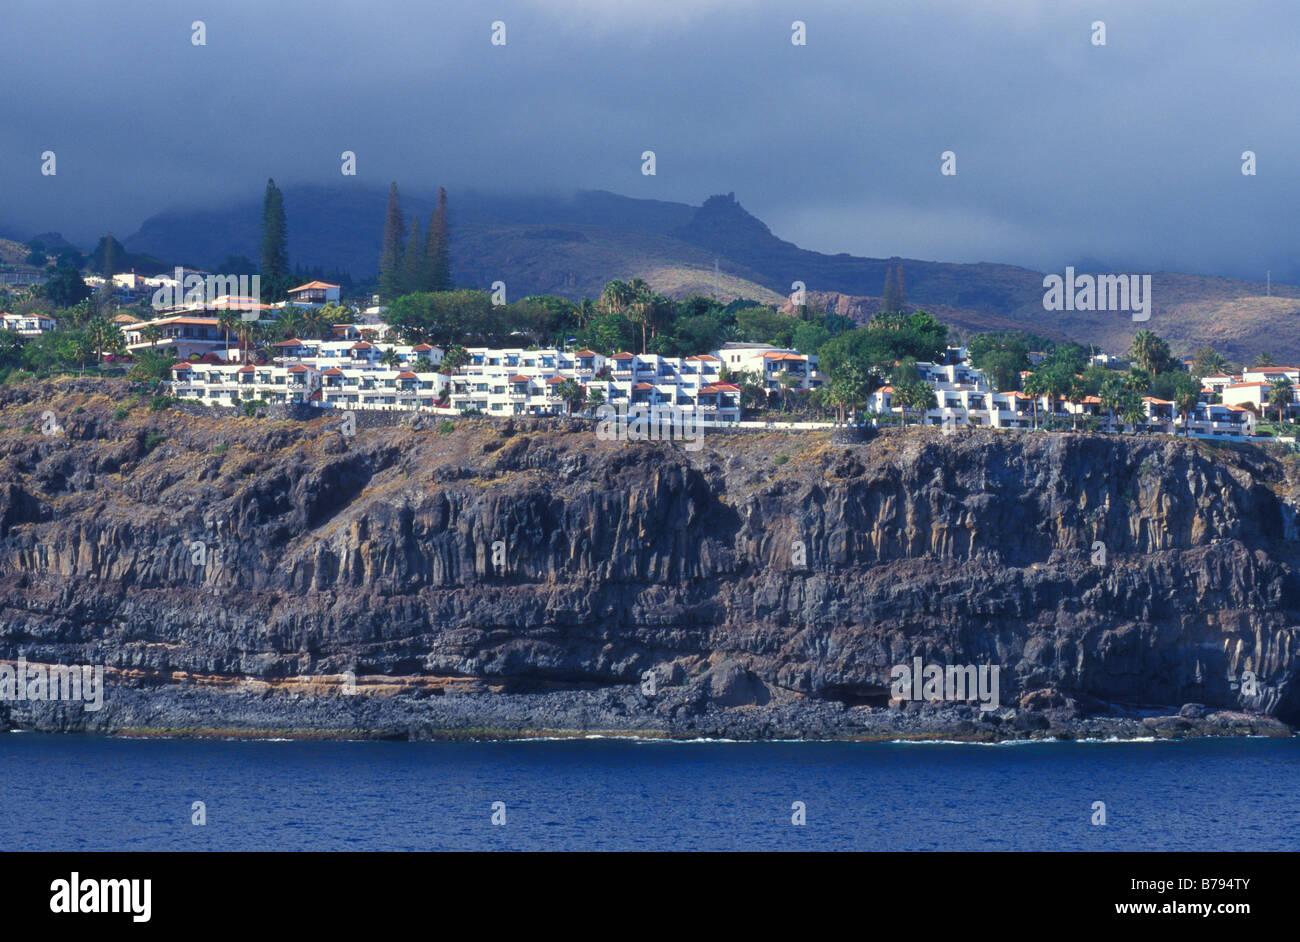 Hotel Jardin Tecina Playa De Santiago La Gomera Island Canary